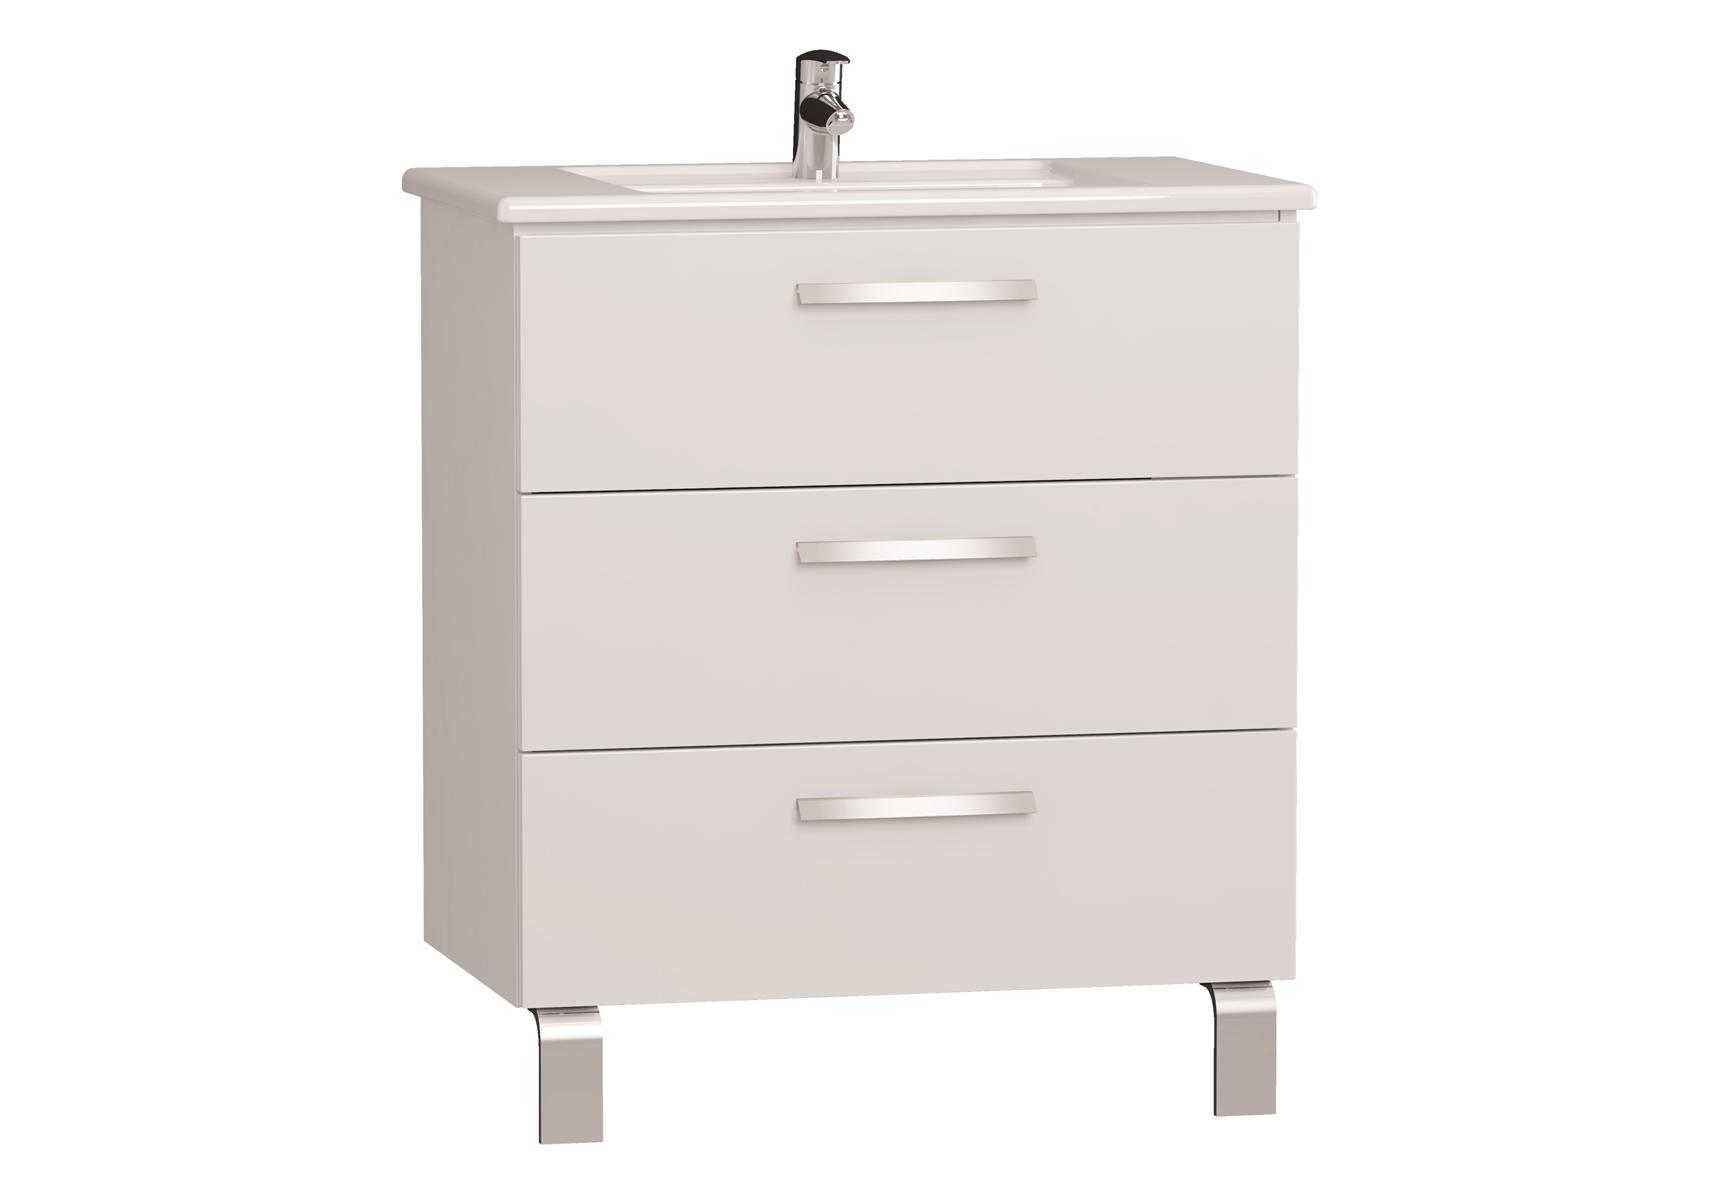 Integra meuble avec plan céramique avec trois tiroirs, 80 cm, blanc haute brillance